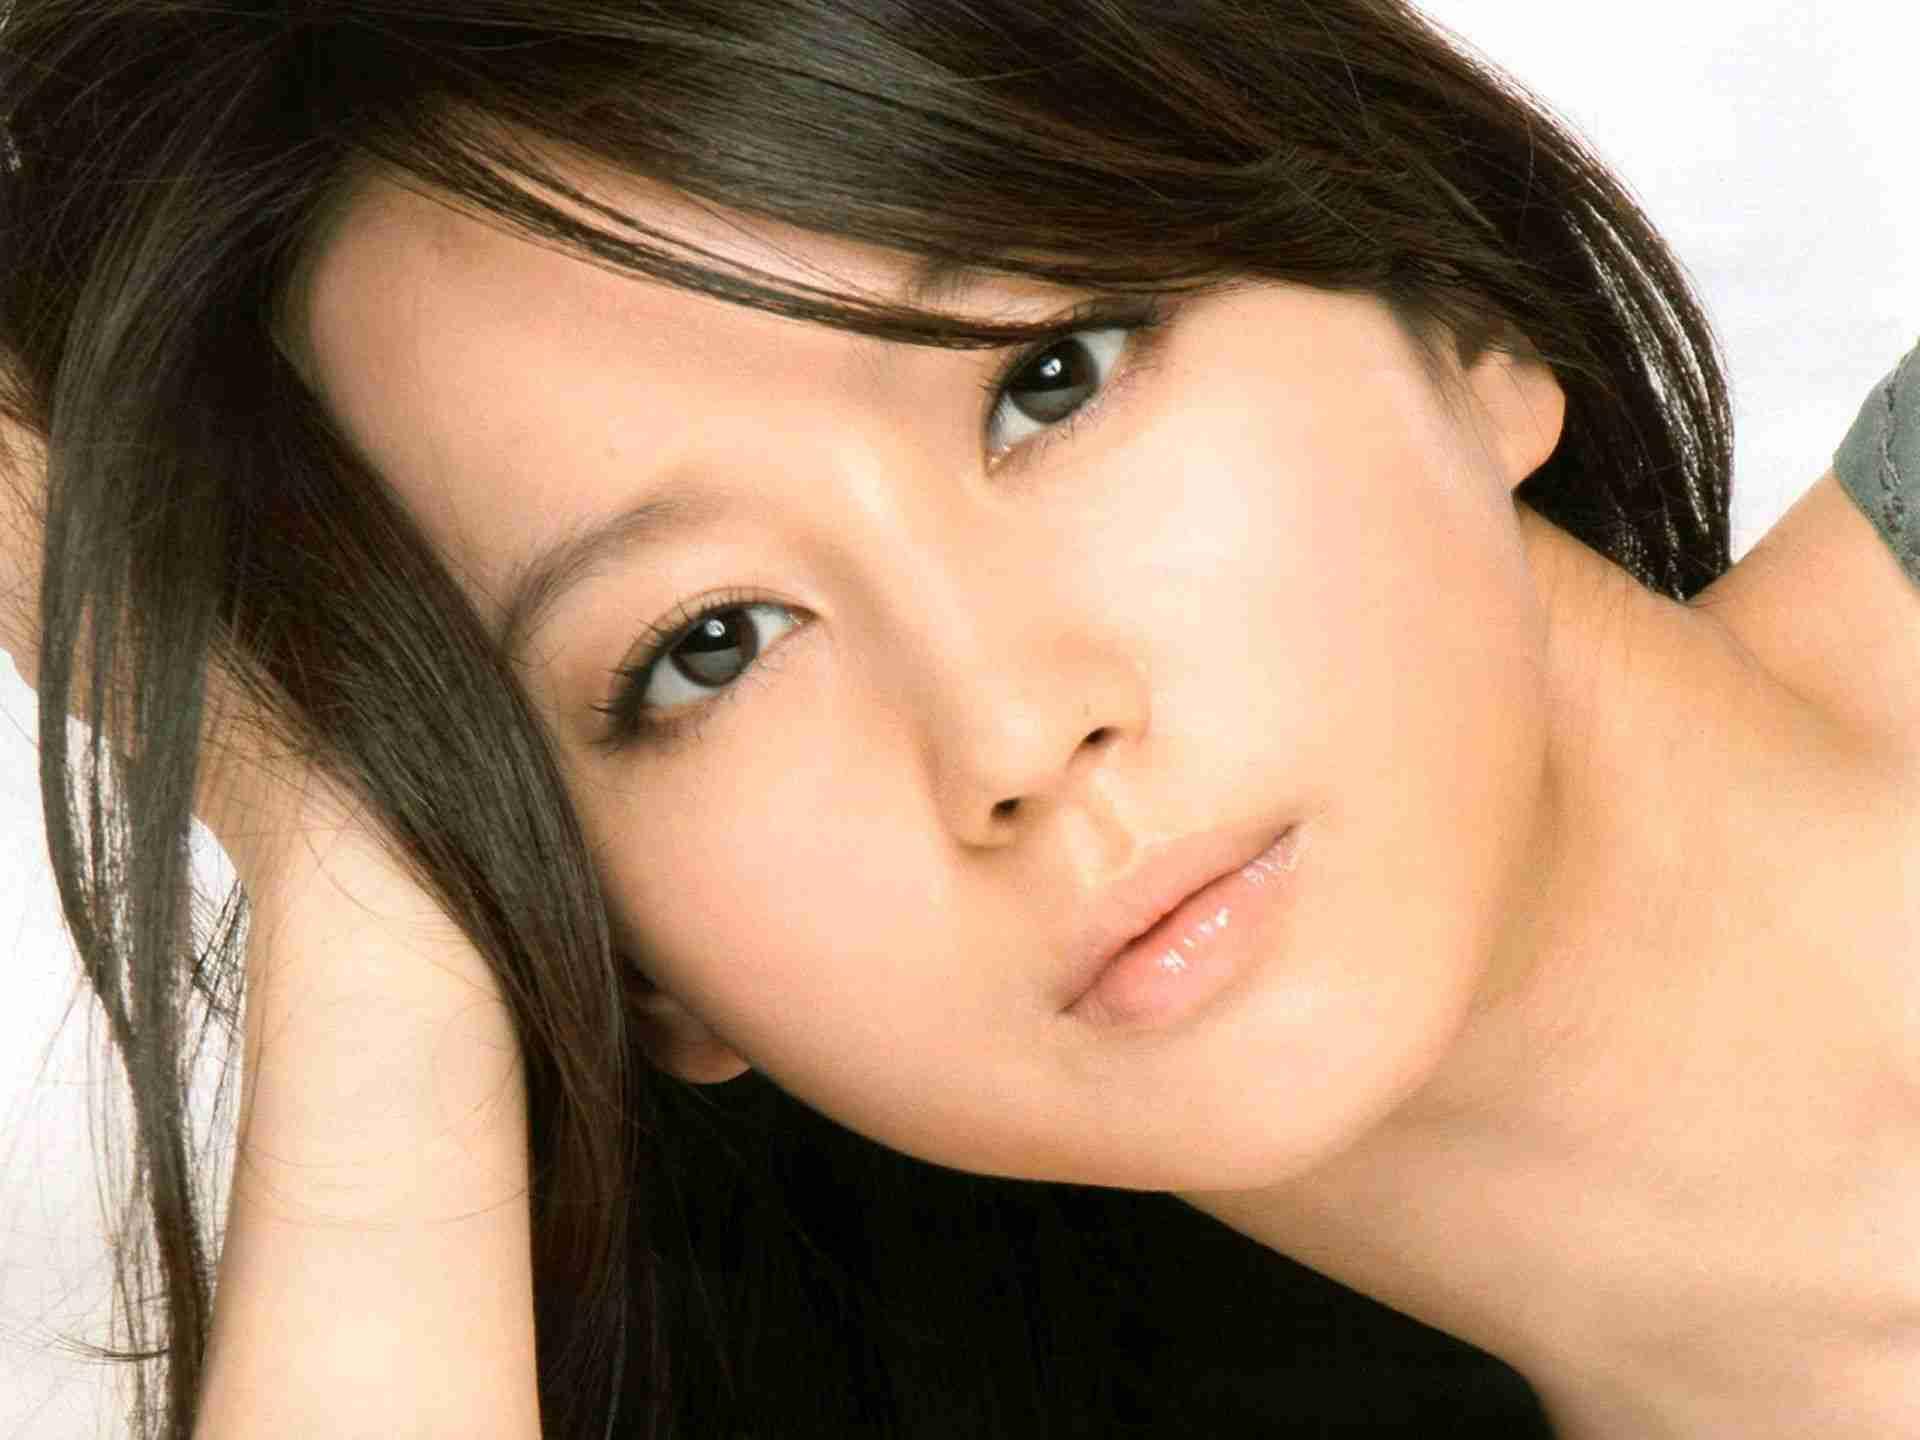 清純派女優・堀北真希が出演しているCMをまとめてみました!のサムネイル画像